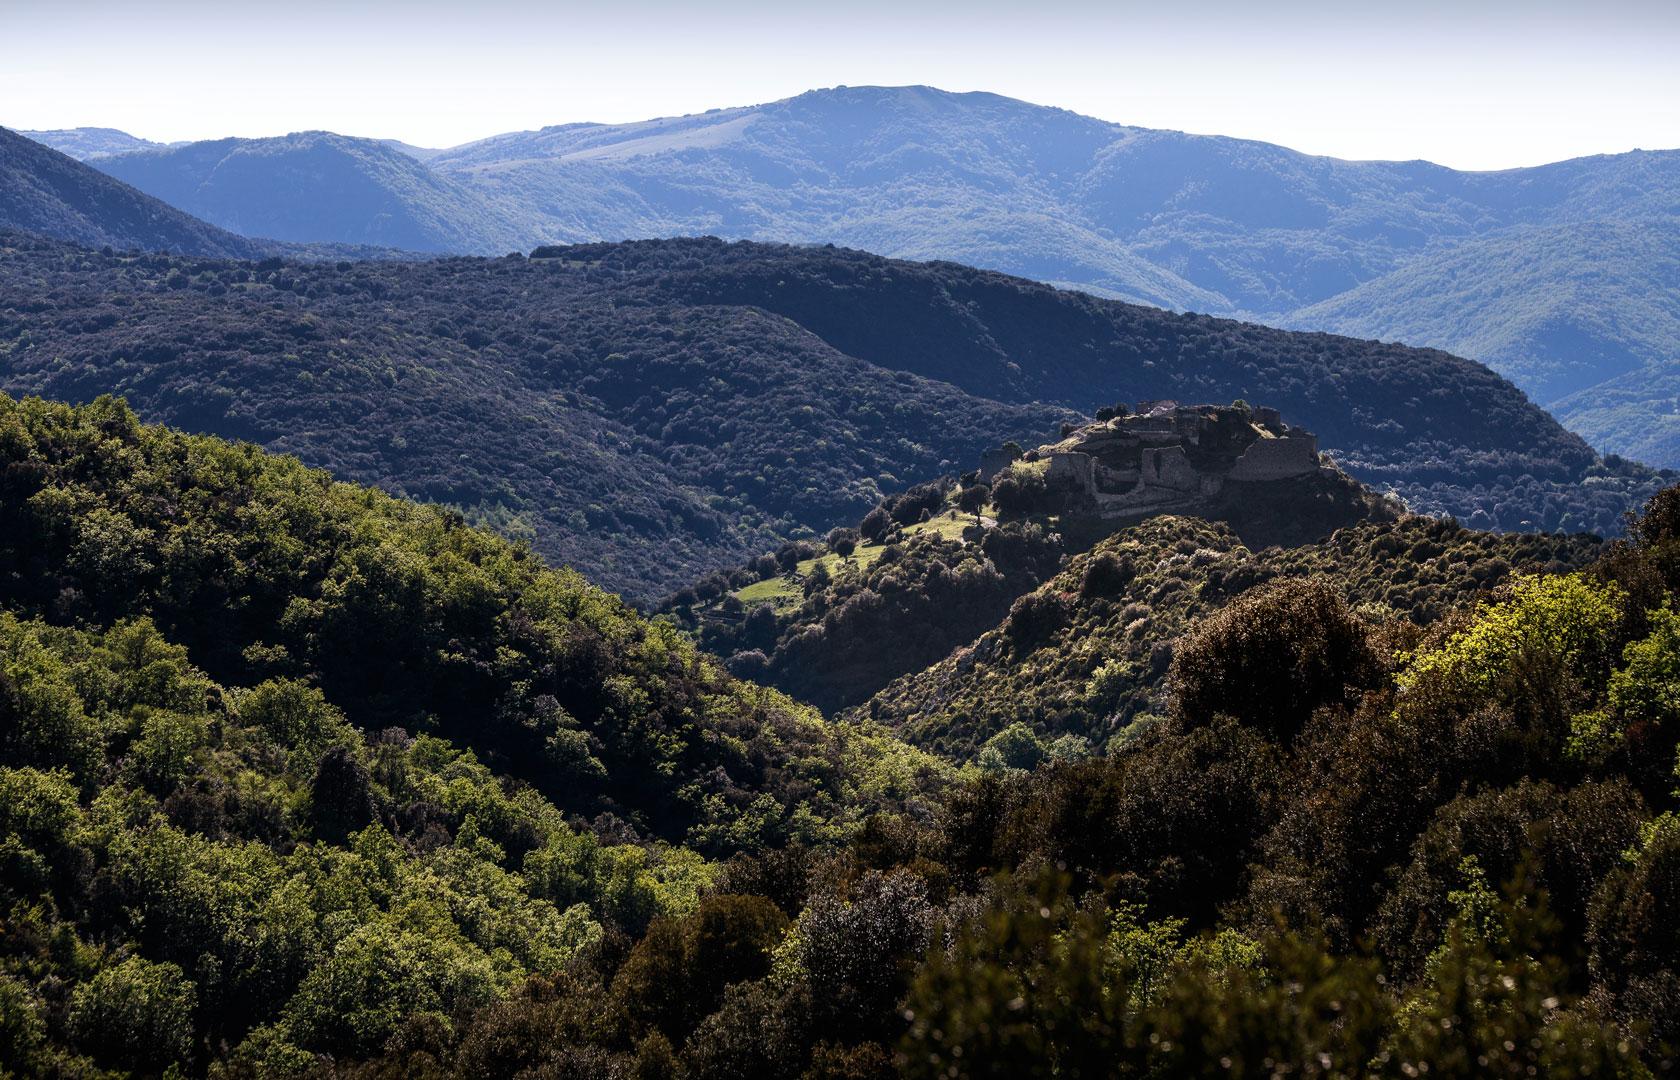 Au cœur des Corbières, le château de Termes s'élève au sommet d'un promontoire rocheux entouré par les méandres de gorges profondes où coule le Sou.